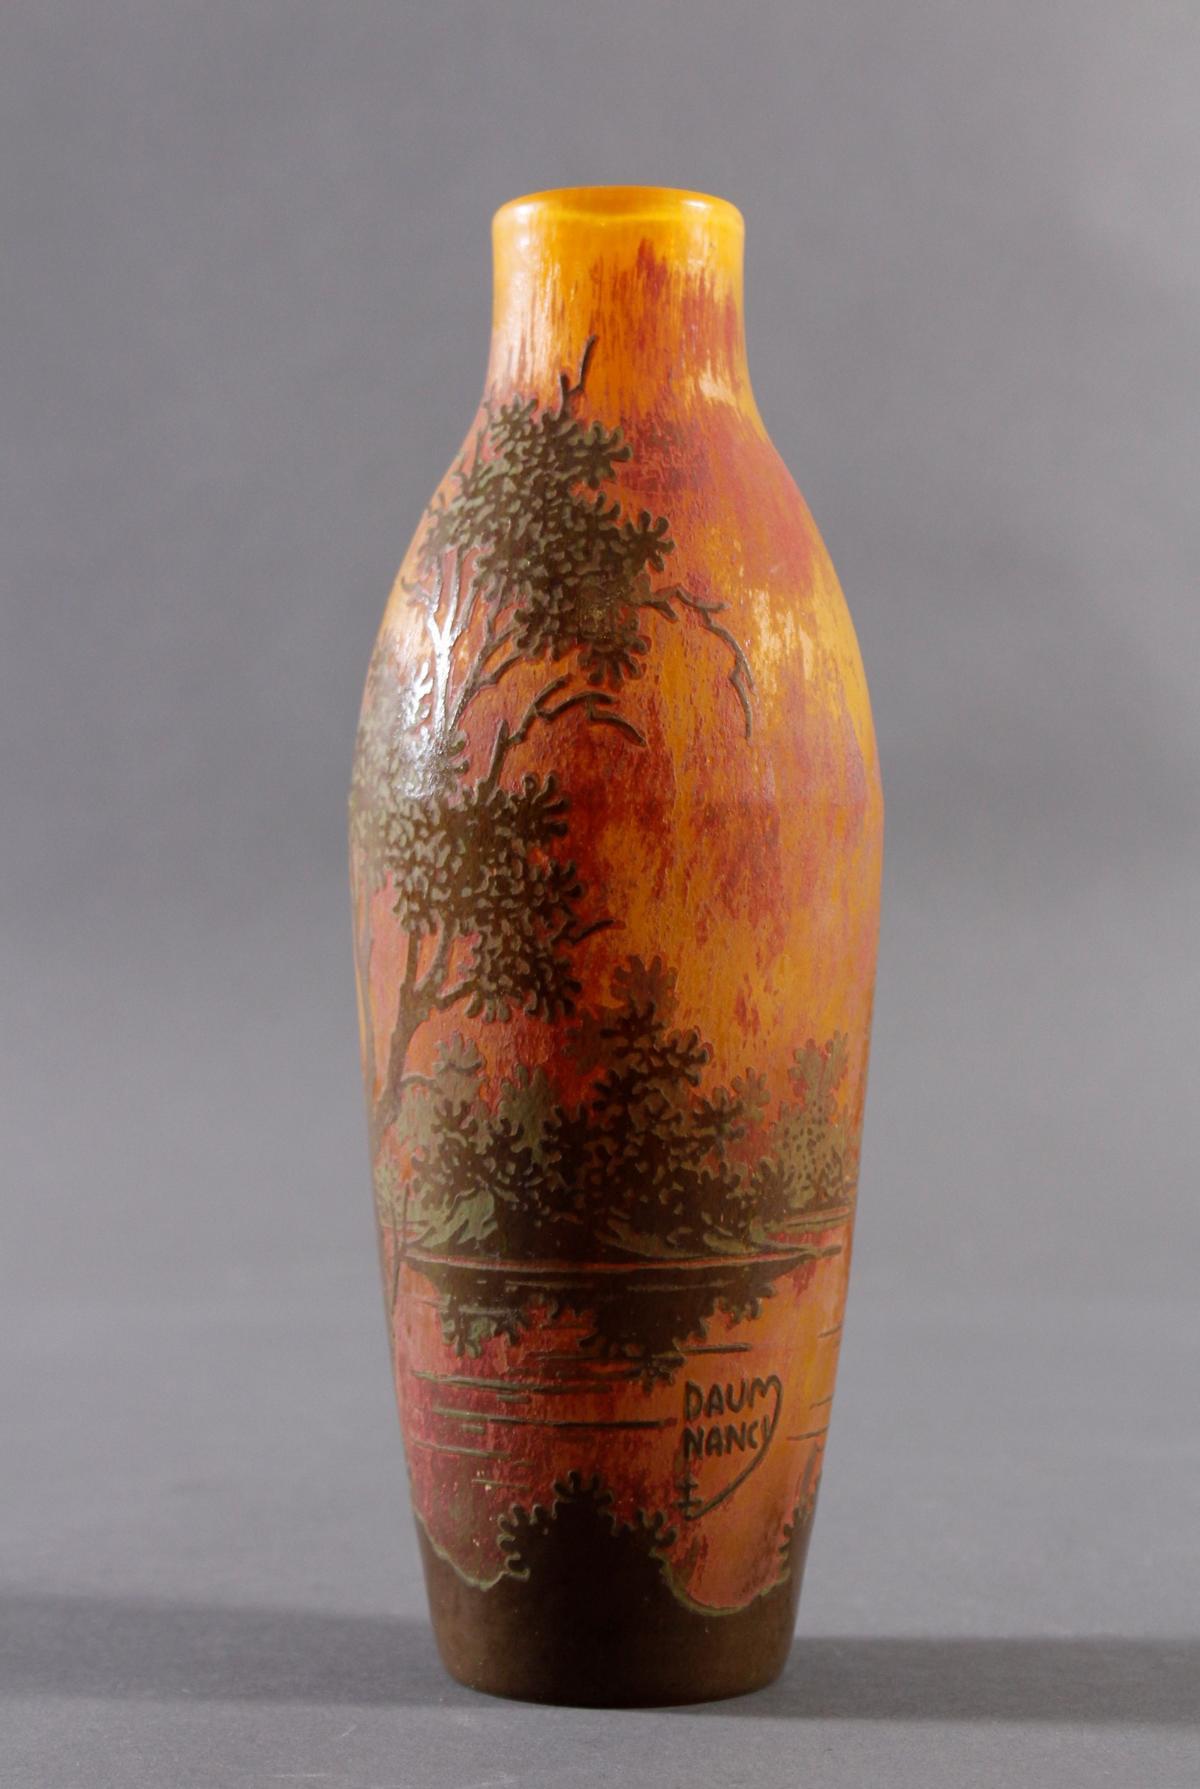 Jugendstil Glasvase, Daum Nancy um 1900